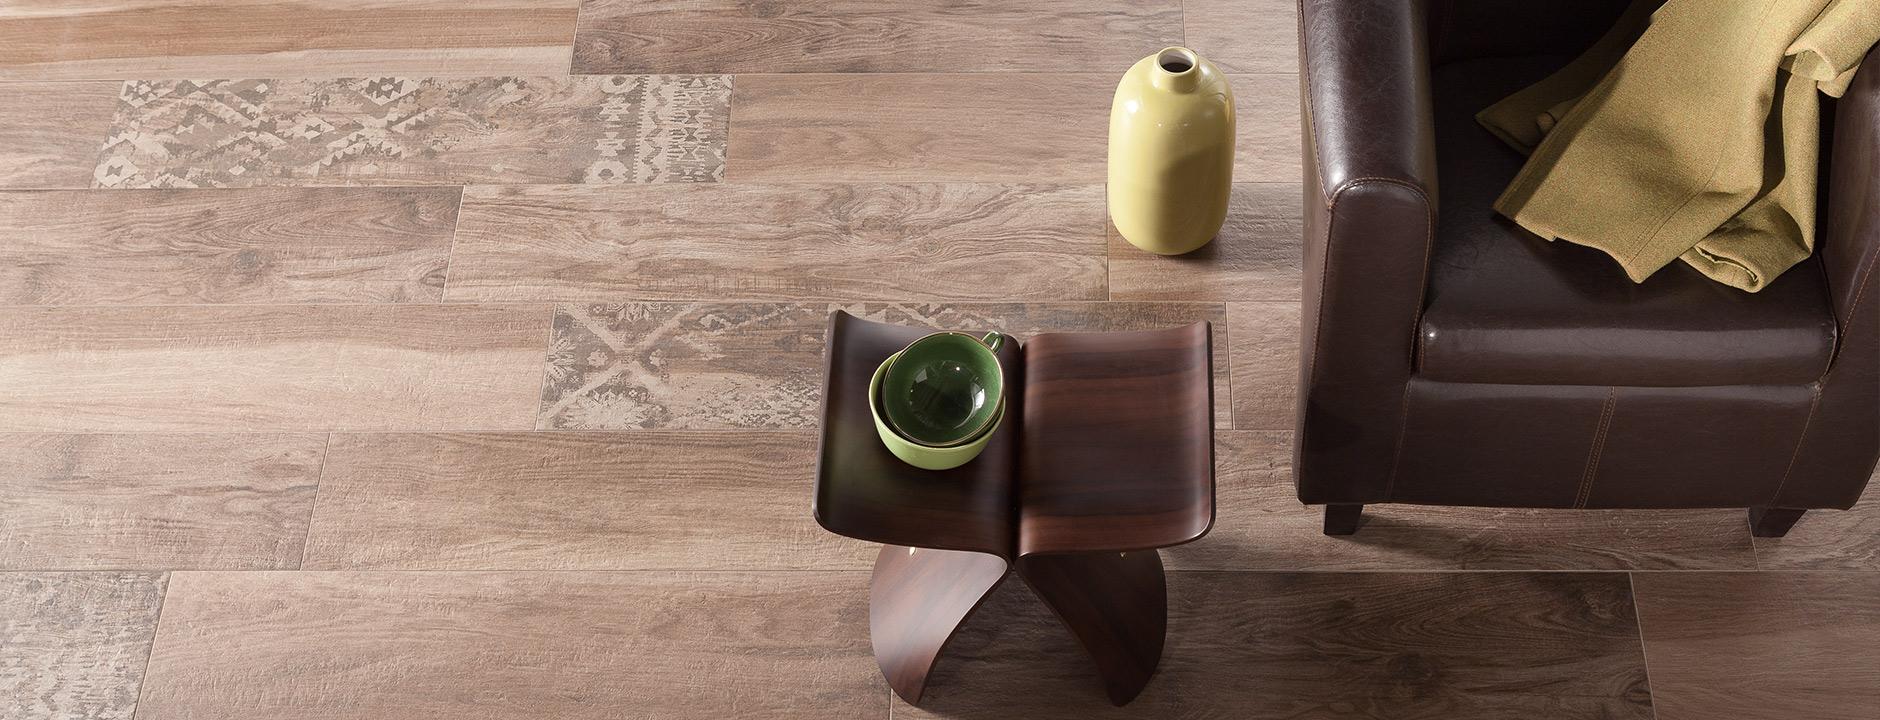 fliesen in holzoptik platten k nig wipperf rth fliesen naturstein ambiente. Black Bedroom Furniture Sets. Home Design Ideas